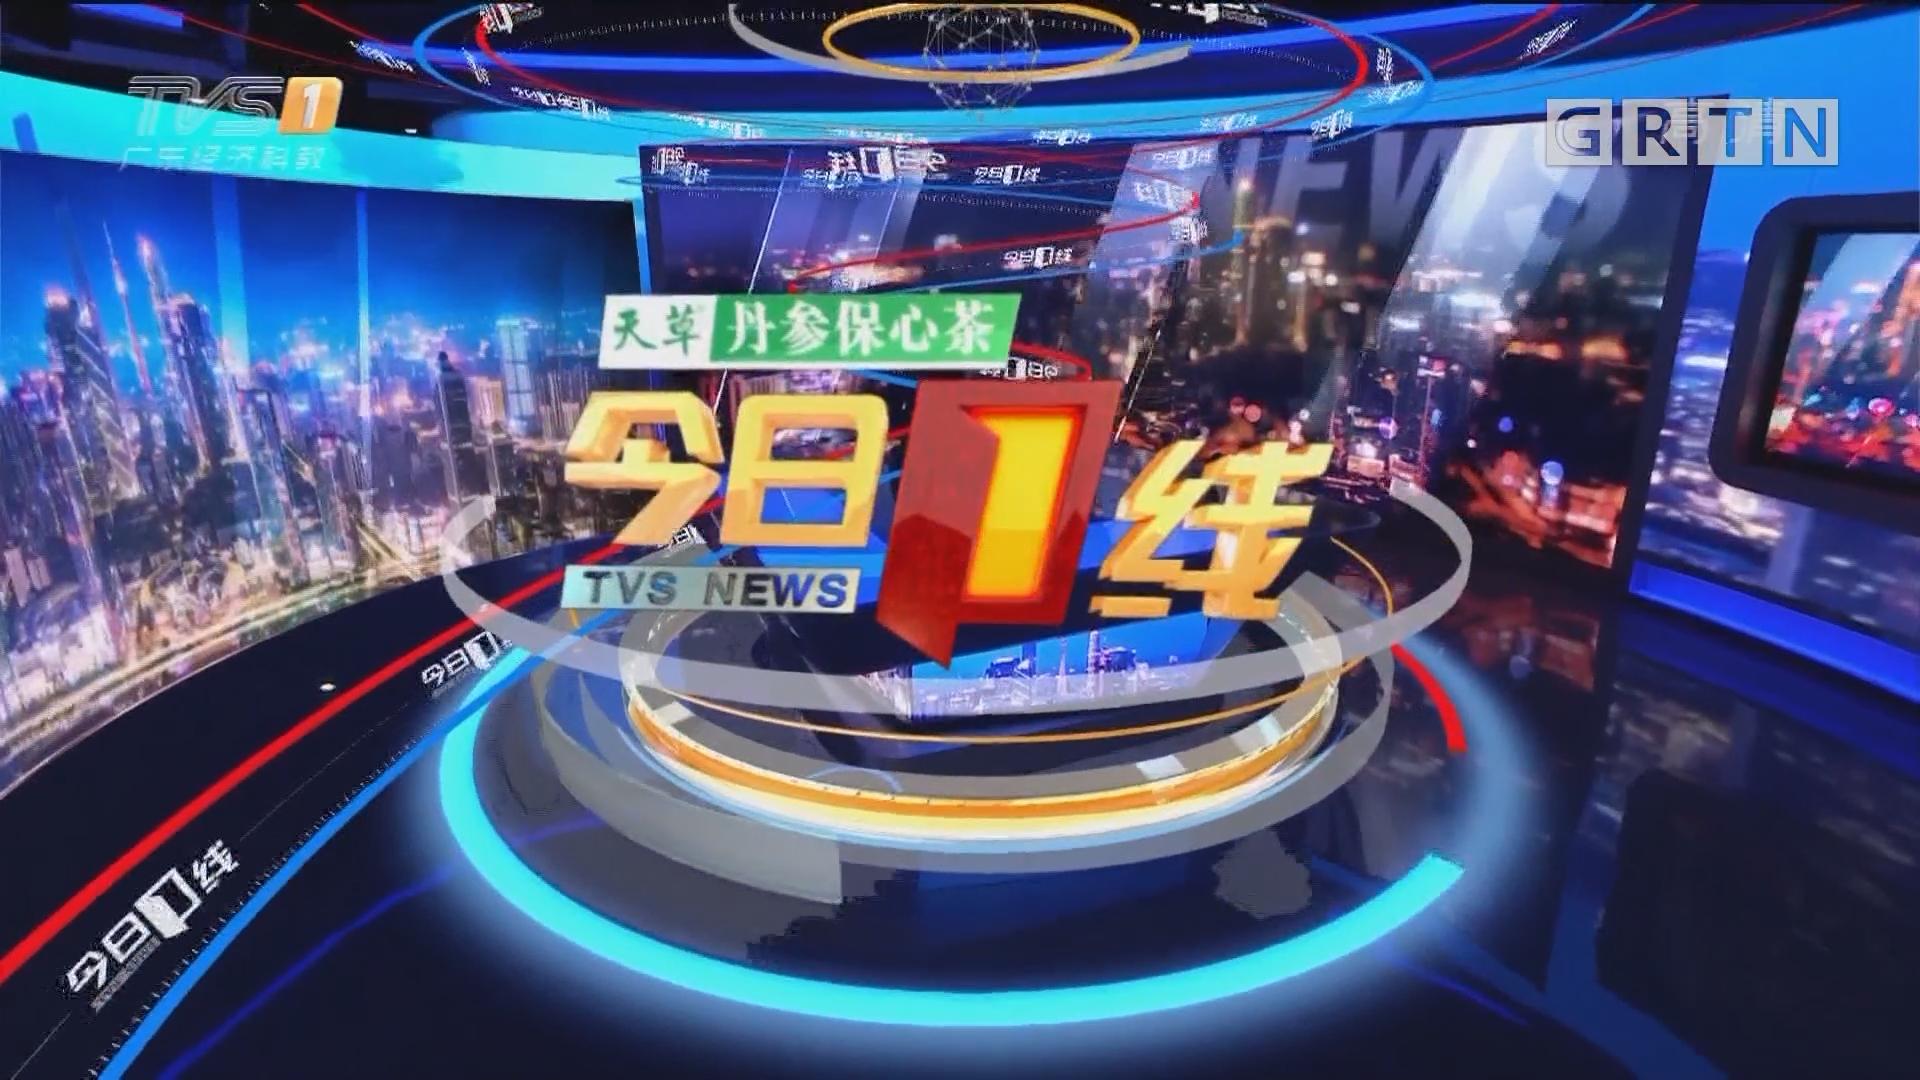 [HD][2019-05-31]今日一线:深圳:消毒水泡手致多名幼儿脱皮 园方致歉